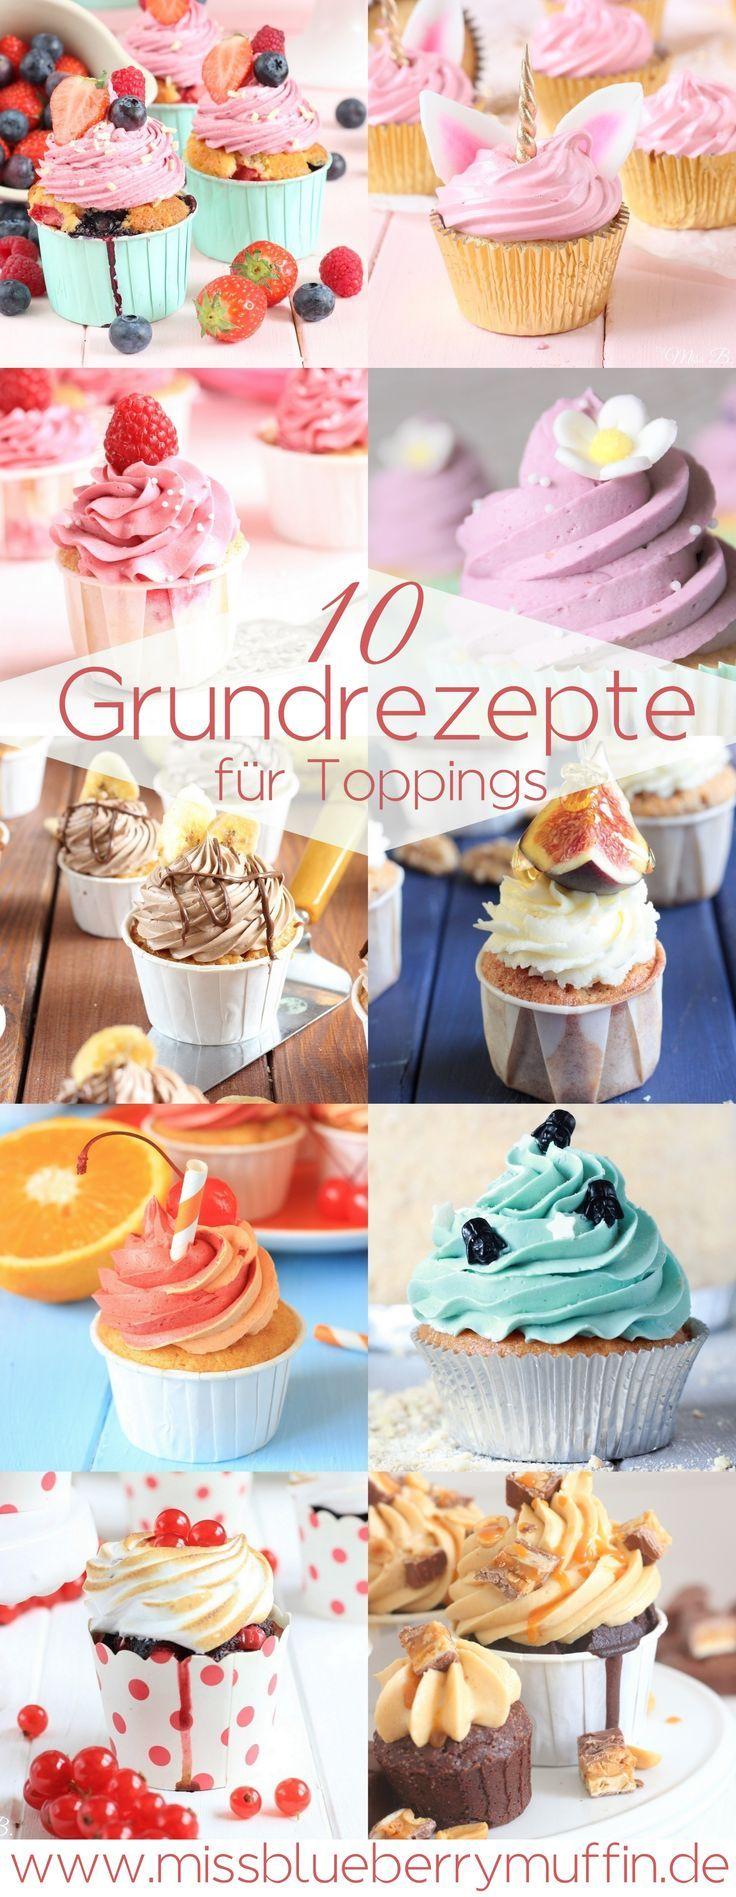 Die 10 besten Toppings für Cupcakes! Grundrezepte für Buttercreme, Ganache, Frostings Sahnacremes und Co. #buttercream